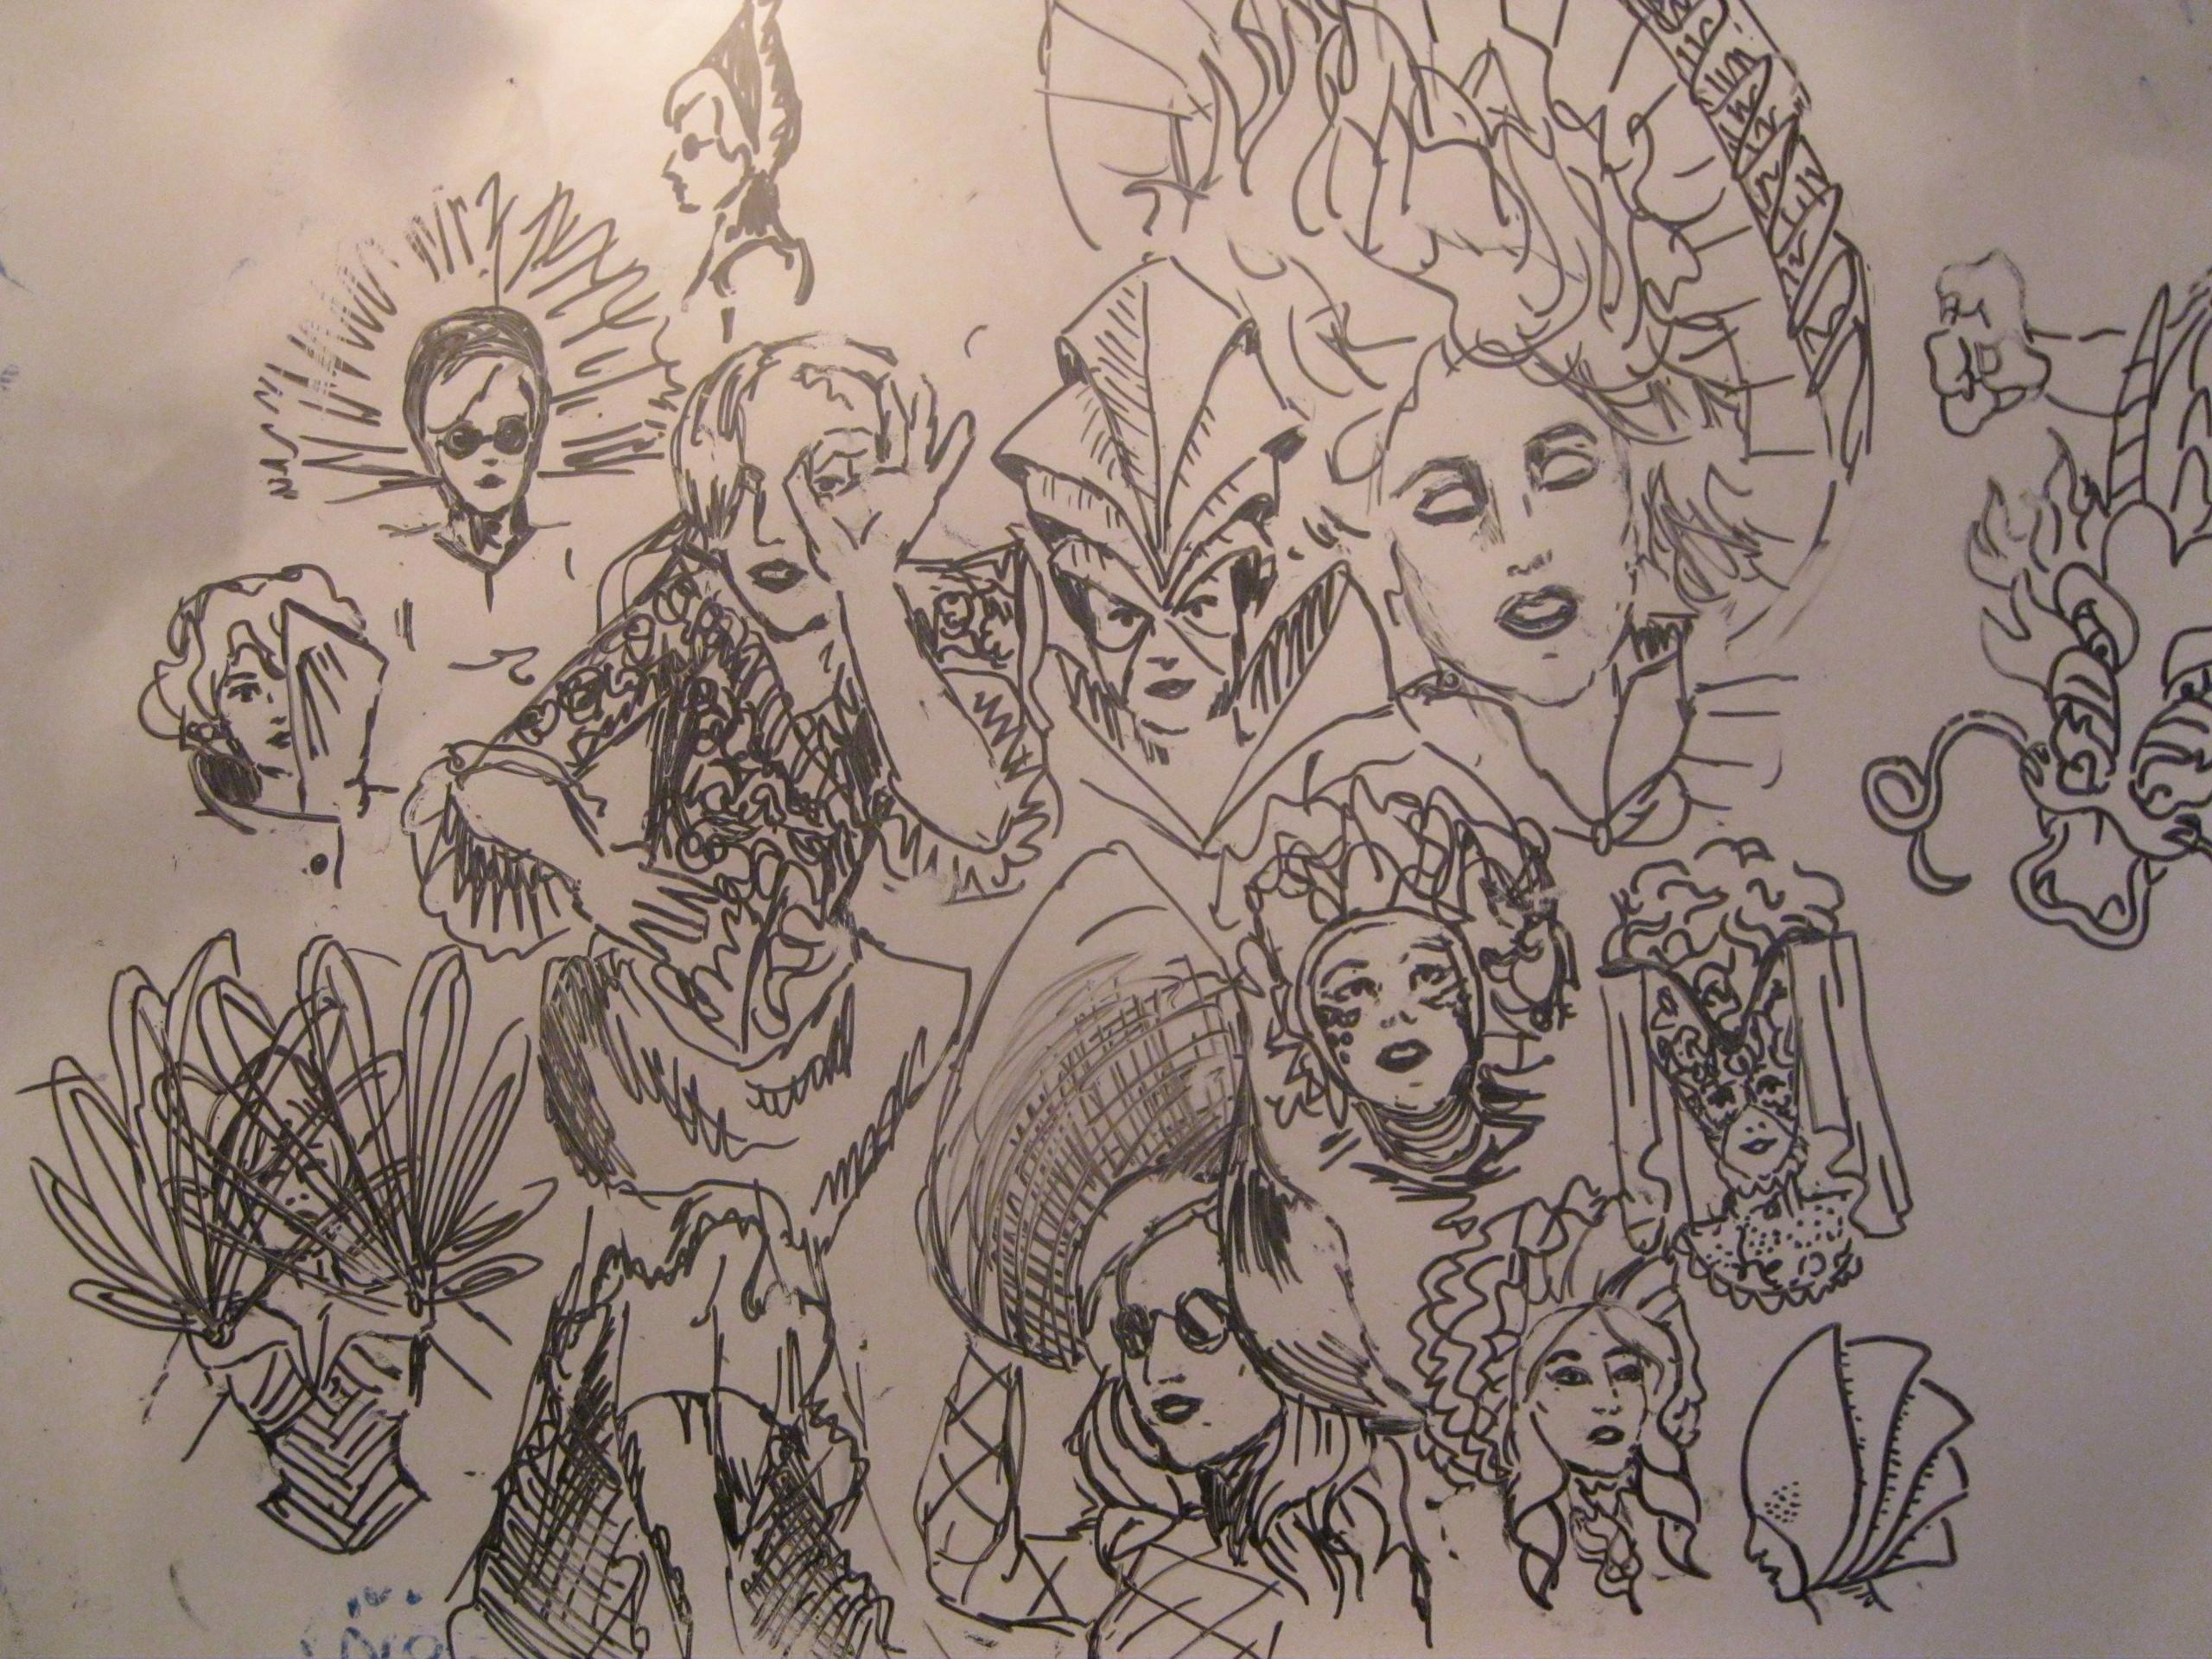 lady gaga in wytebord - Lady Gaga Fan Art (17893654) - Fanpop Lady Gaga